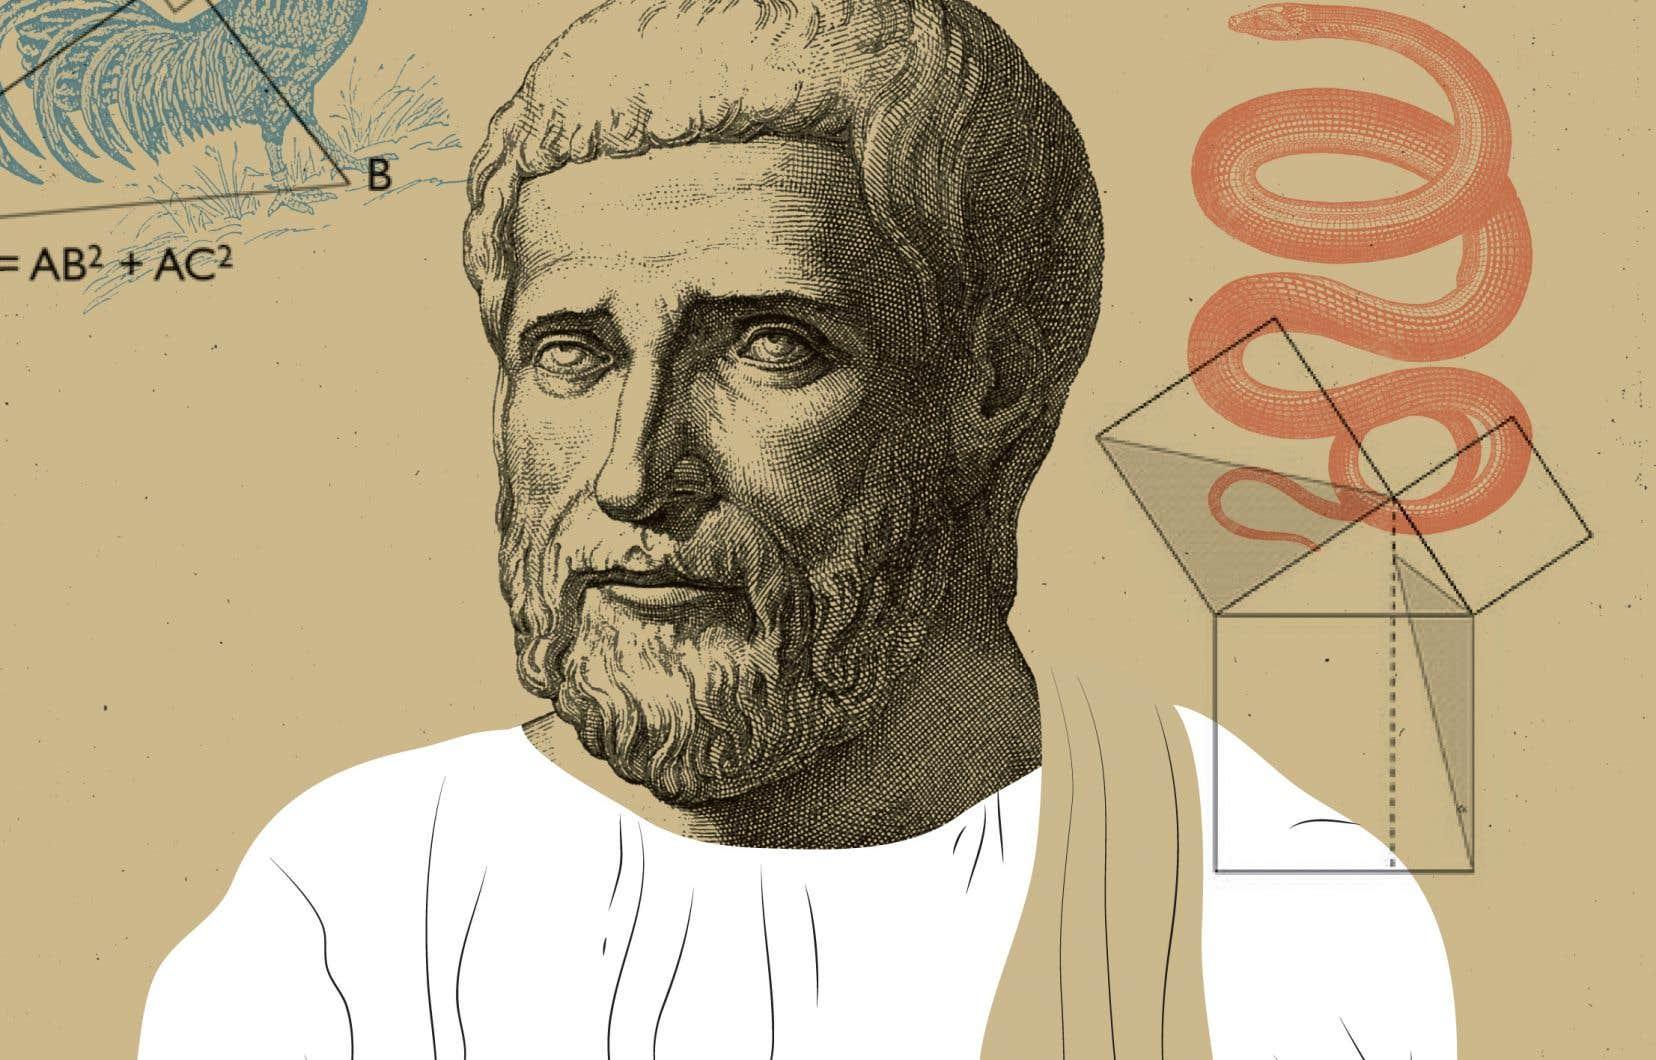 La douceur de Pythagore envers les animaux est très souvent évoquée, que ce soit chez Platon, Ovide ou Sénèque. On dit que le philosophe évitait de leur faire du mal, qu'il déplorait la violence envers eux.